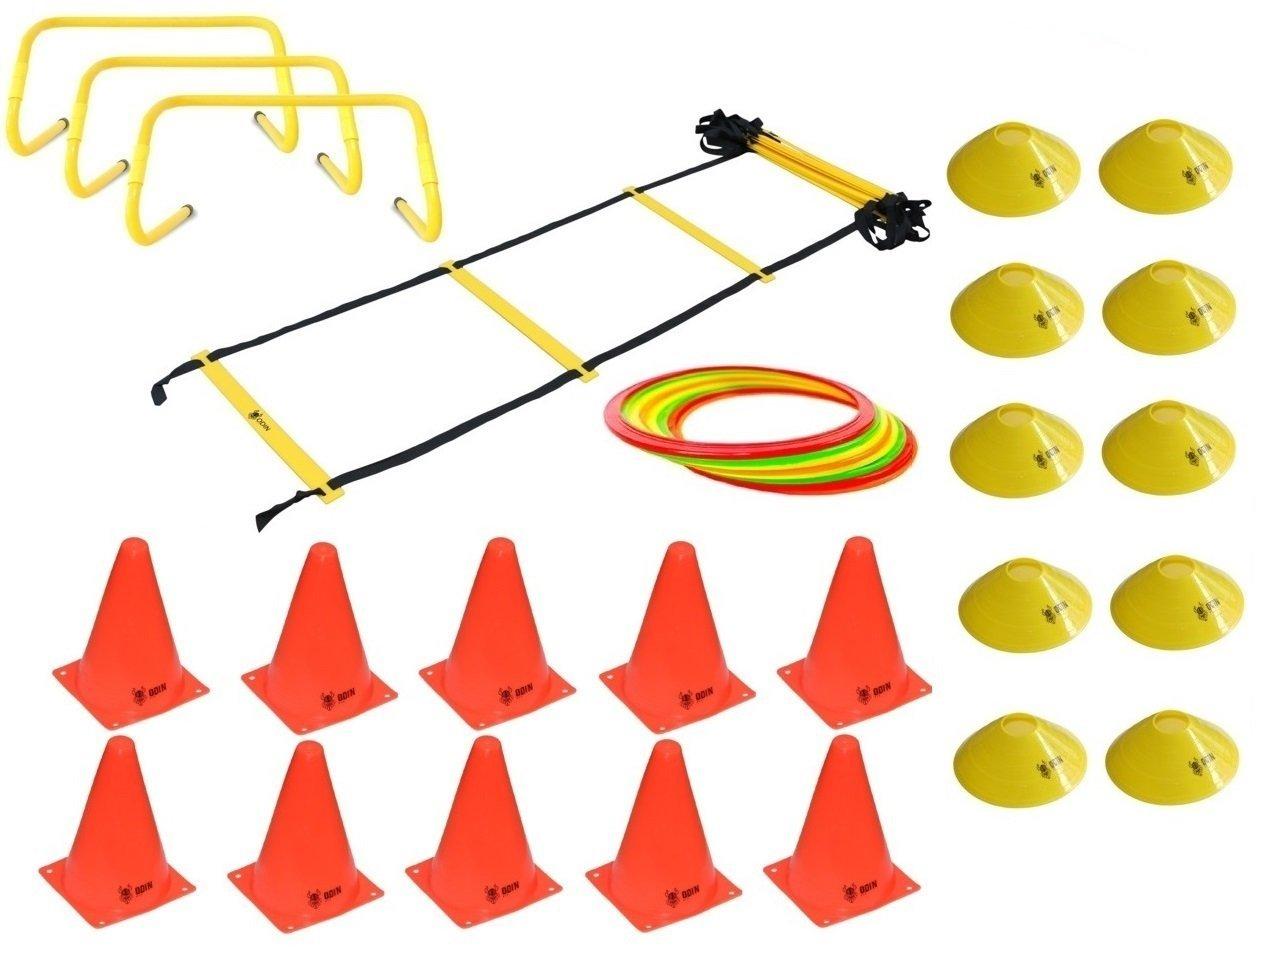 Kit Funcional Escada de Agilidade + 3 Barreiras + 12 Argolas de Agiliade + 10 Cones + 10 Chapéu Chinês